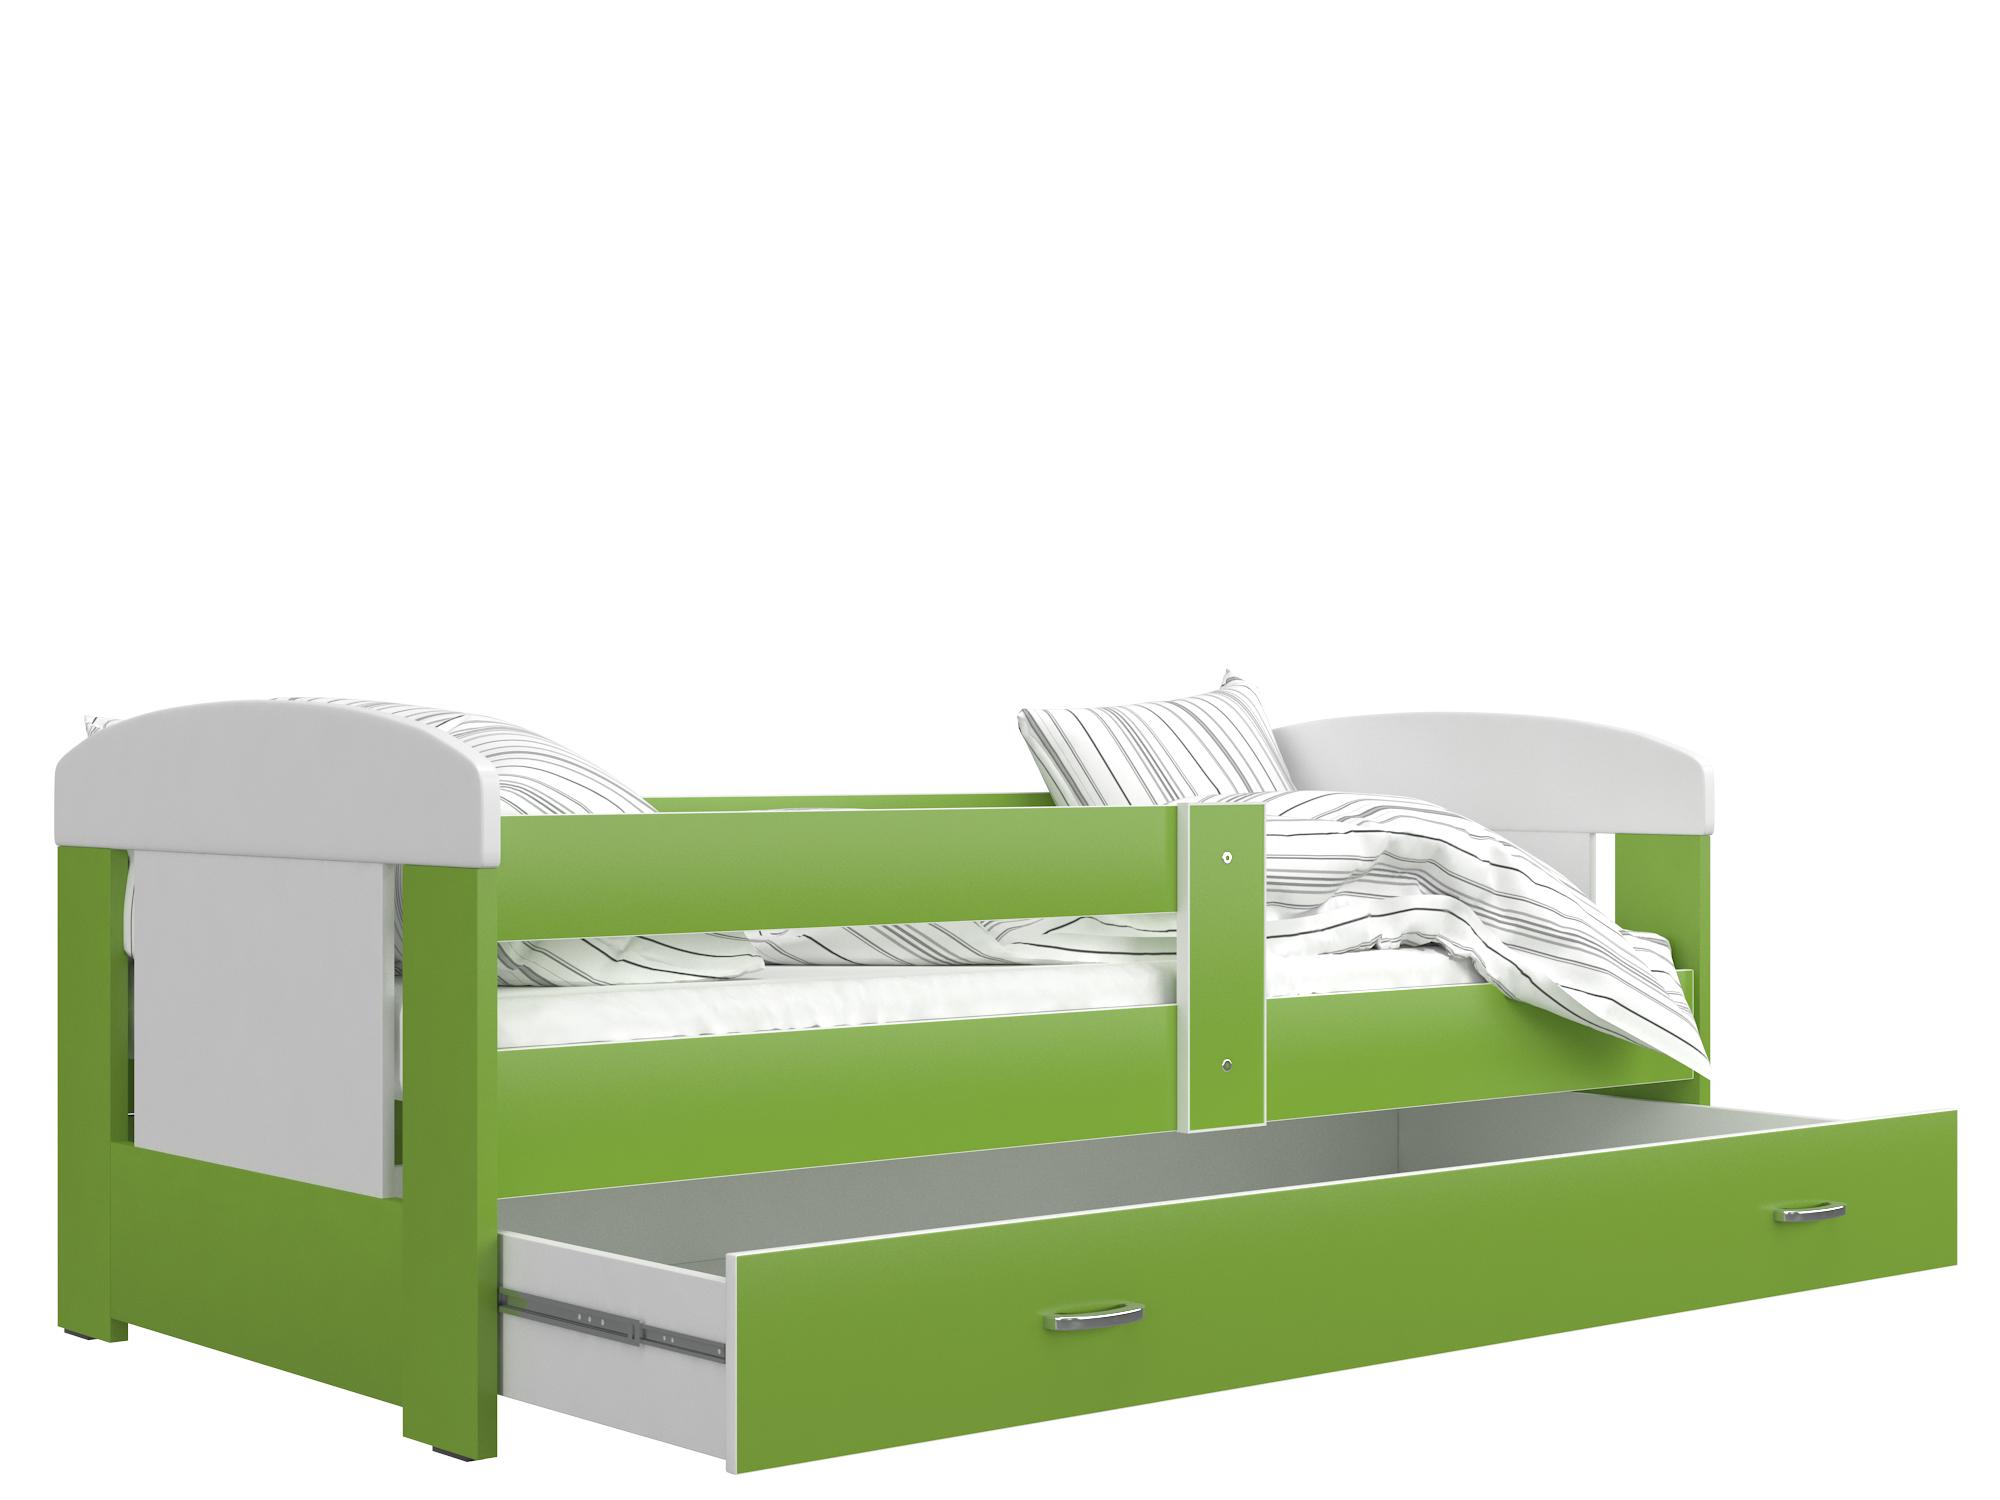 ArtAJ DETSKÁ POSTEĽ FILIP COLOR bez úložného priestoru Farba: biela / zelená